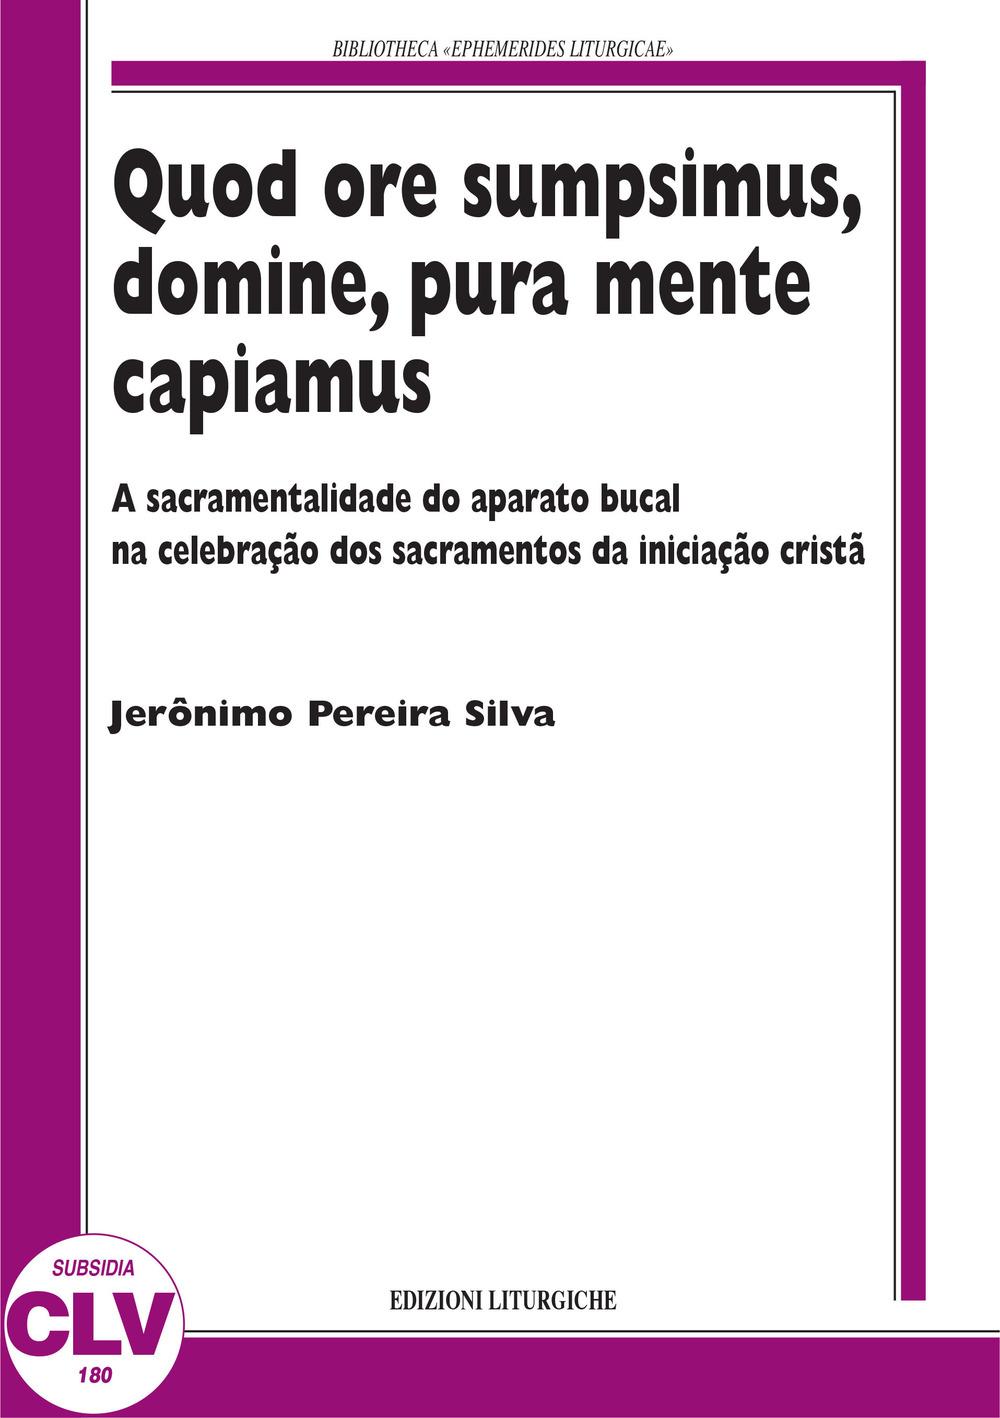 Quod ore sumpsimus, domine, pura mente capiamus. A sacramentalidade do aparato bucal na celebração dos sacramentos da iniciação...